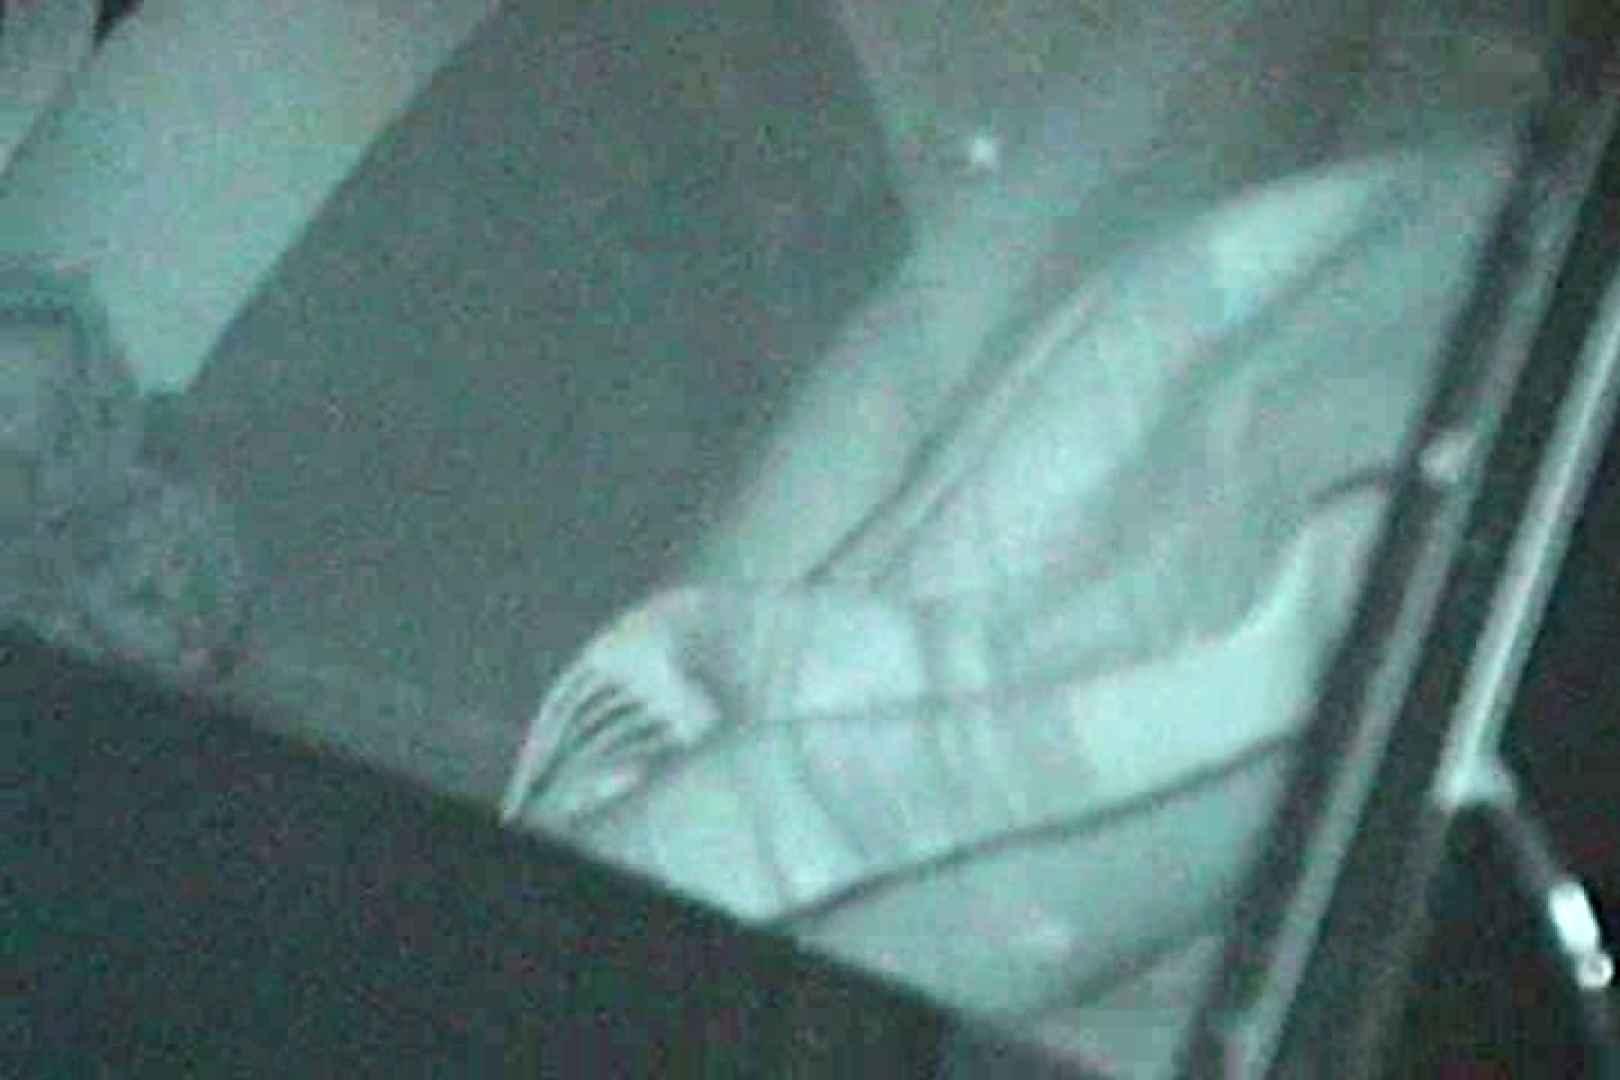 充血監督の深夜の運動会Vol.32 エッチなセックス ワレメ動画紹介 66画像 65